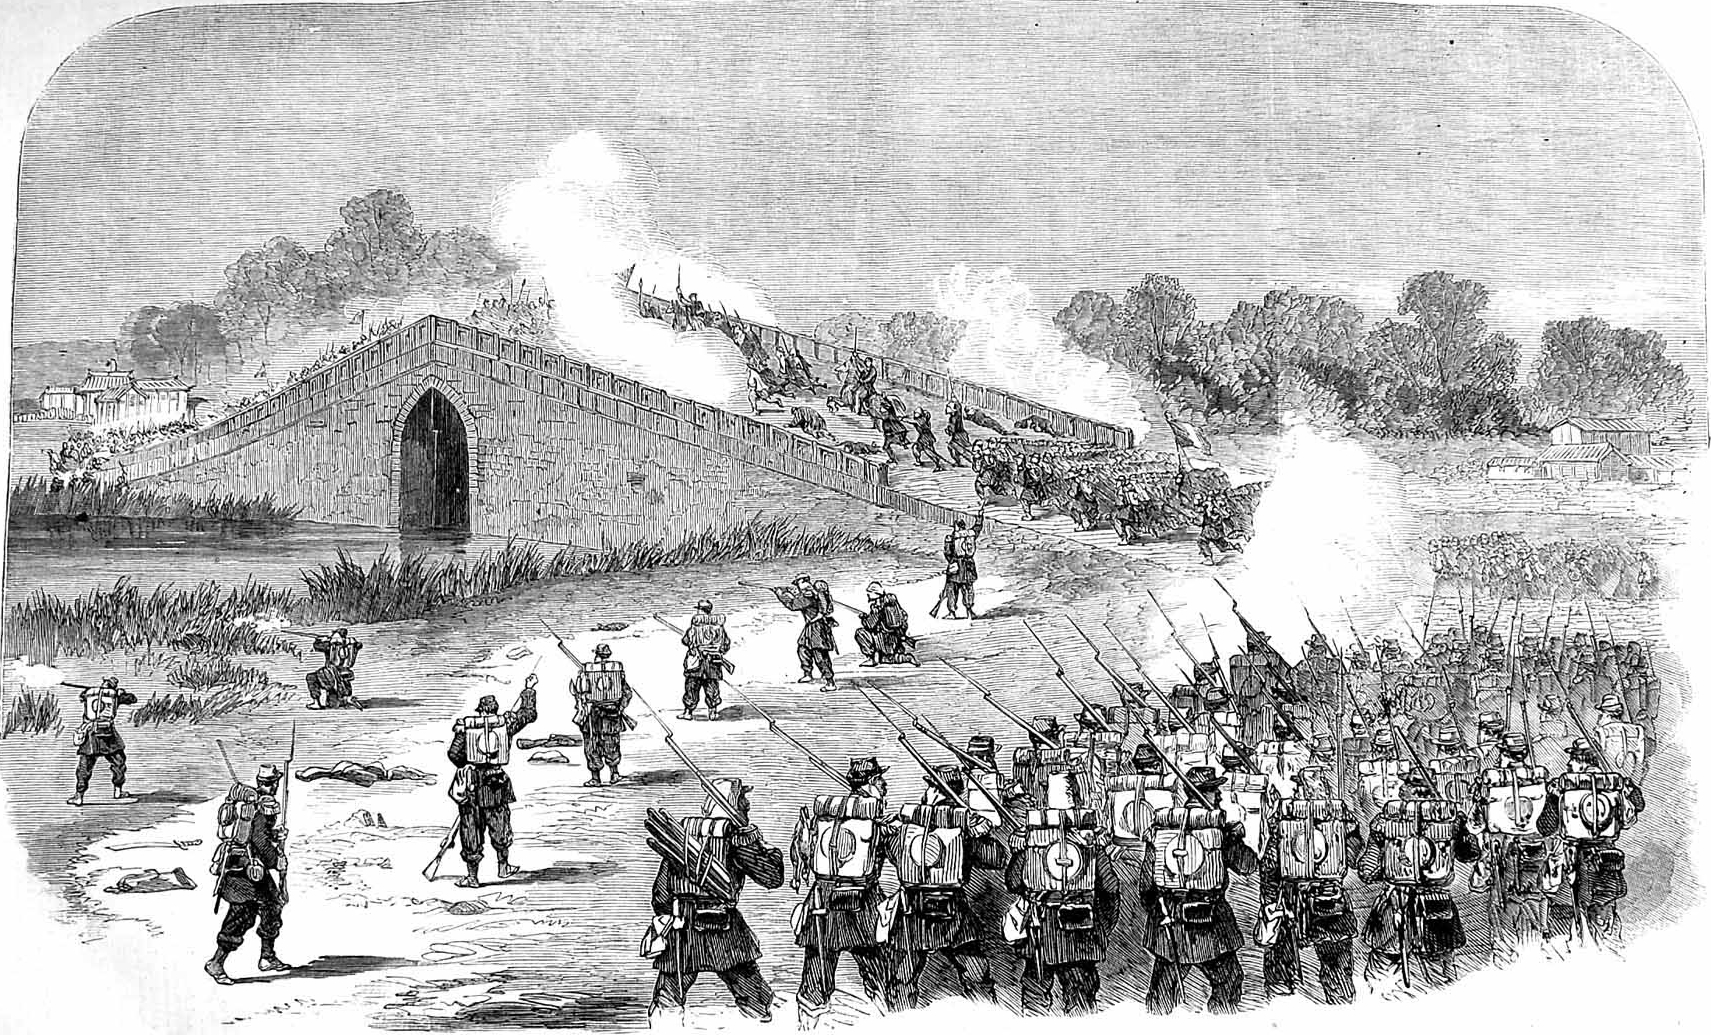 File:French attack the bridge, pa-li-chian, 1860.jpg